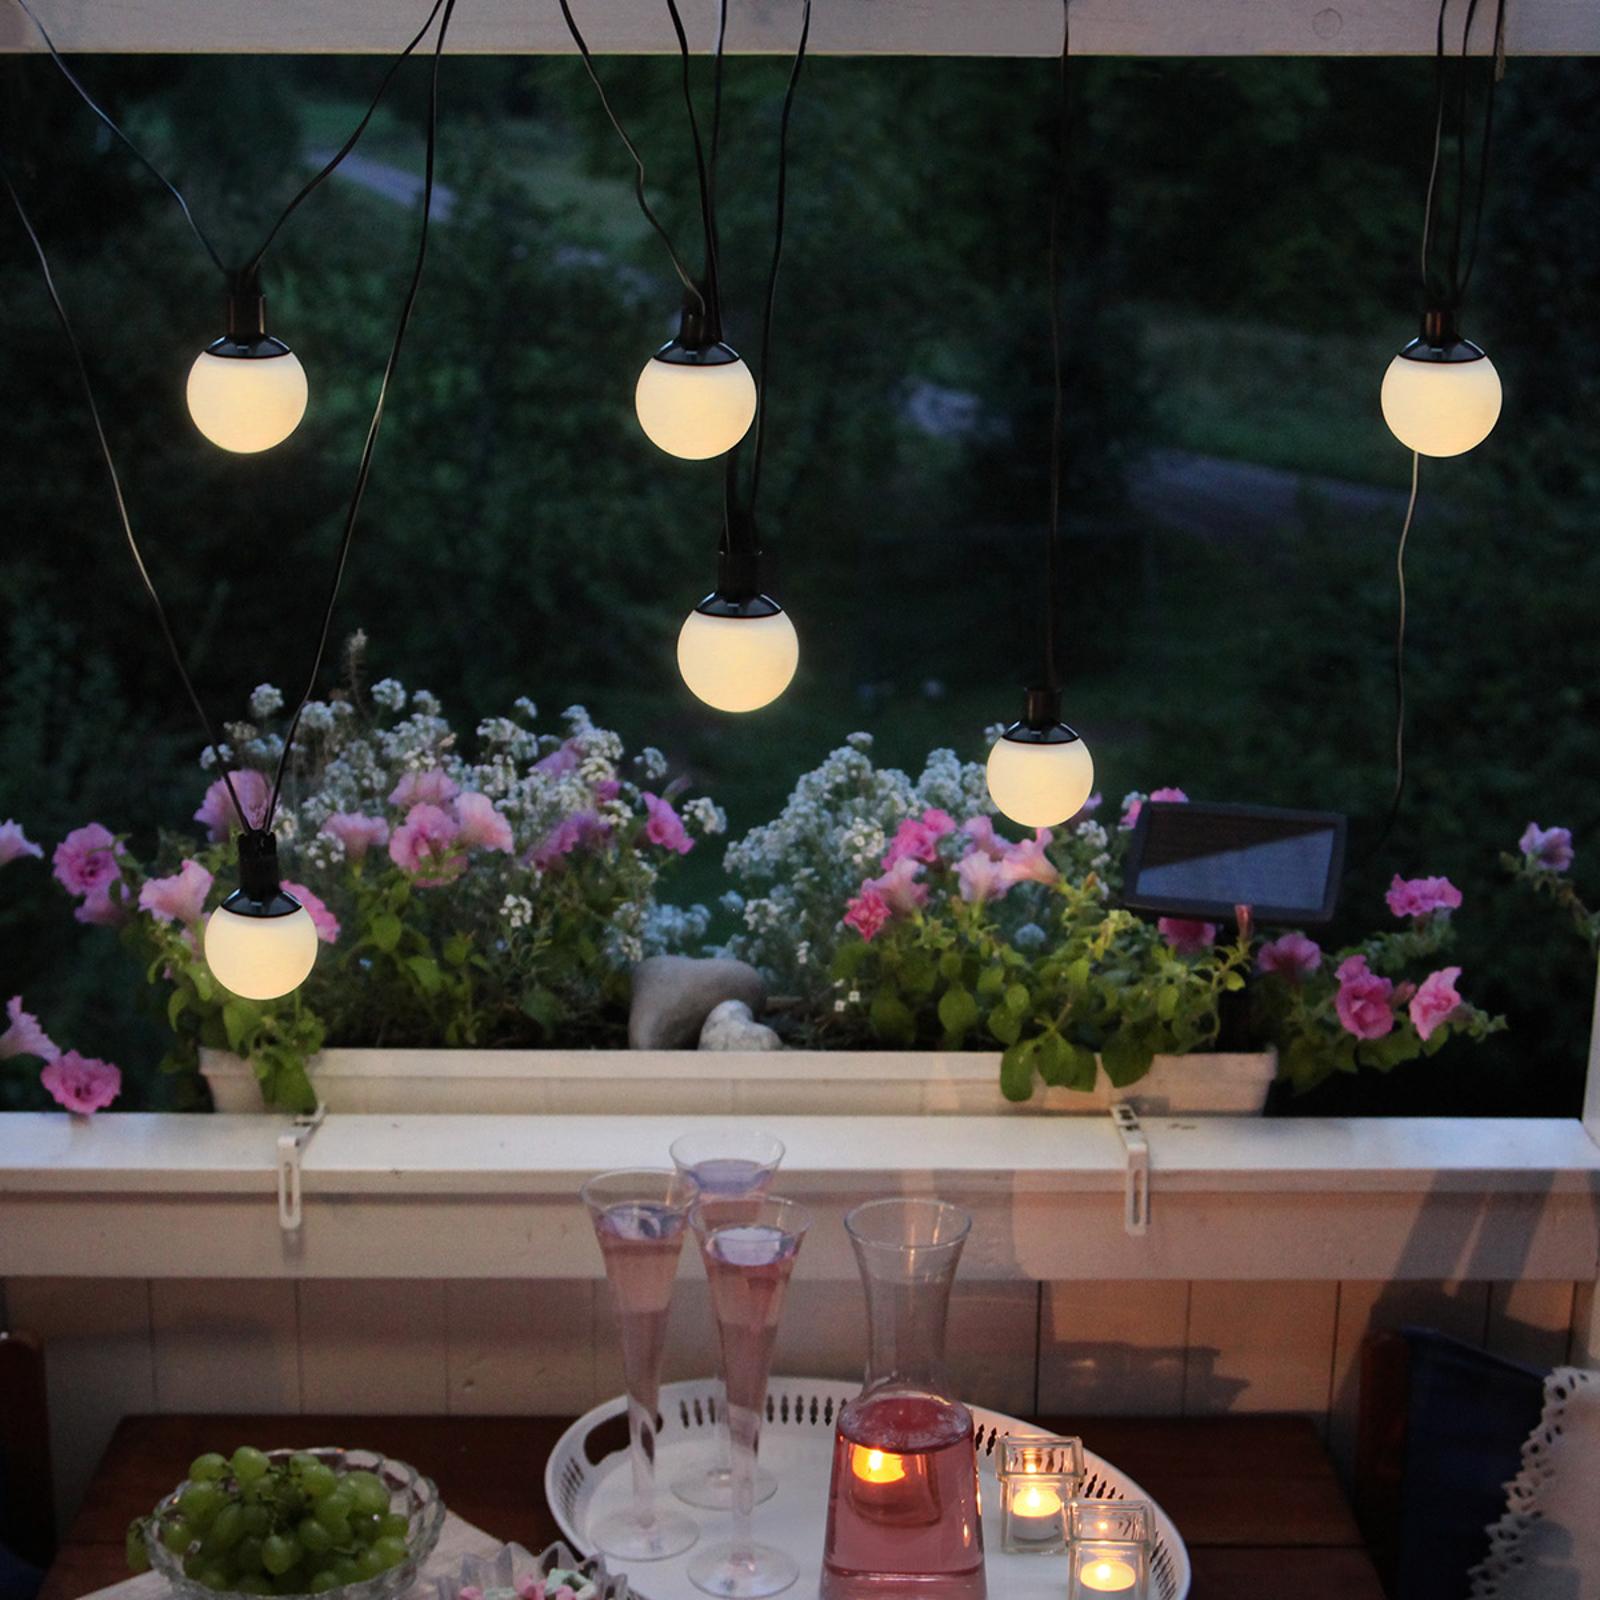 Balls Combo - solcelledreven LED-lyslenke